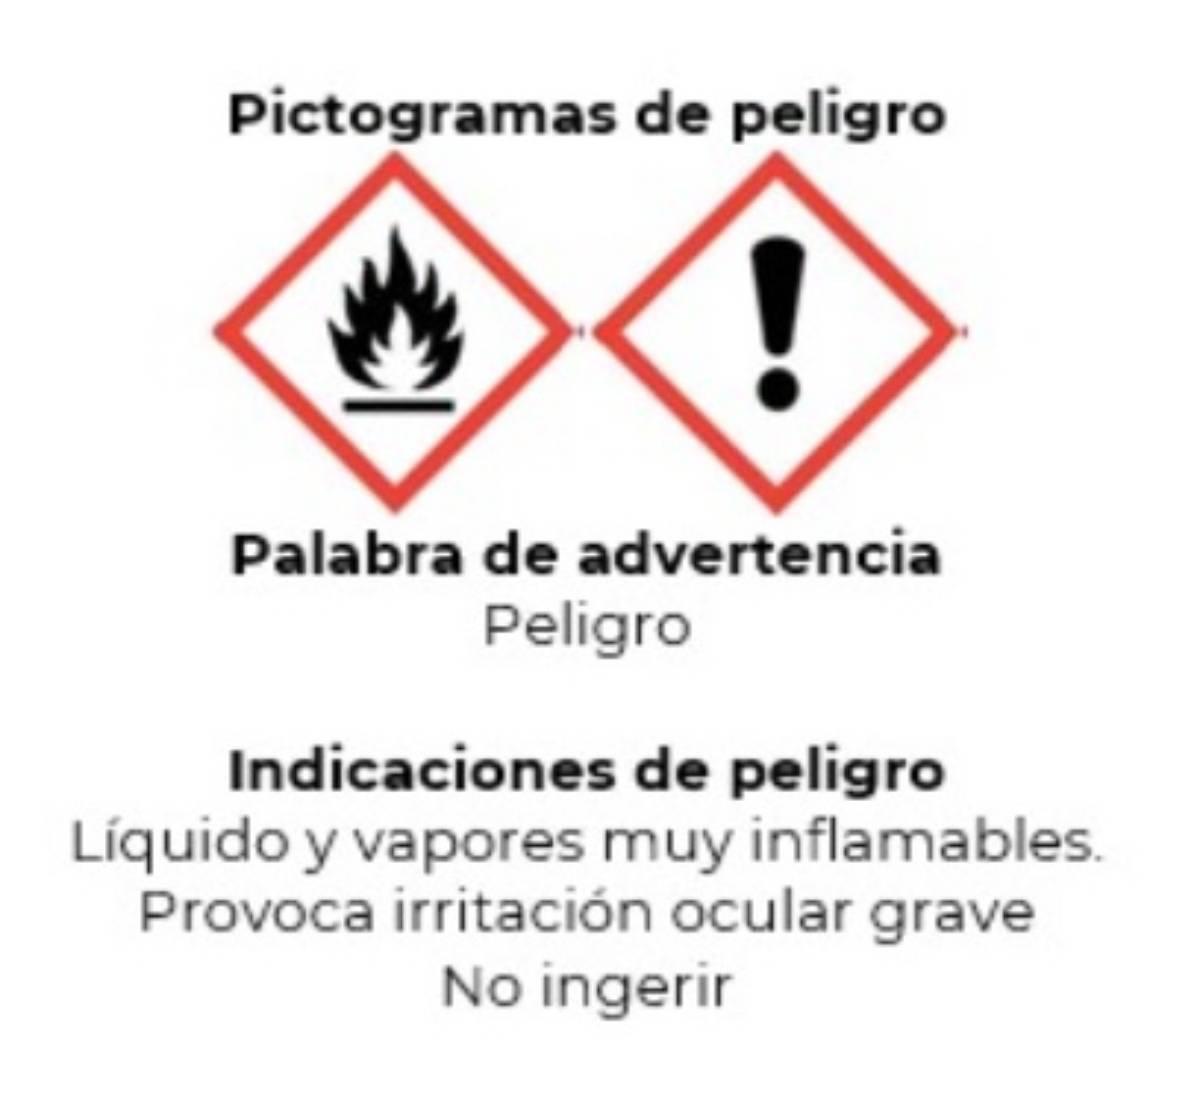 Pictograma que debe aparecer en geles hidrooalcohólicos de naturaleza biocida. /Aemps.